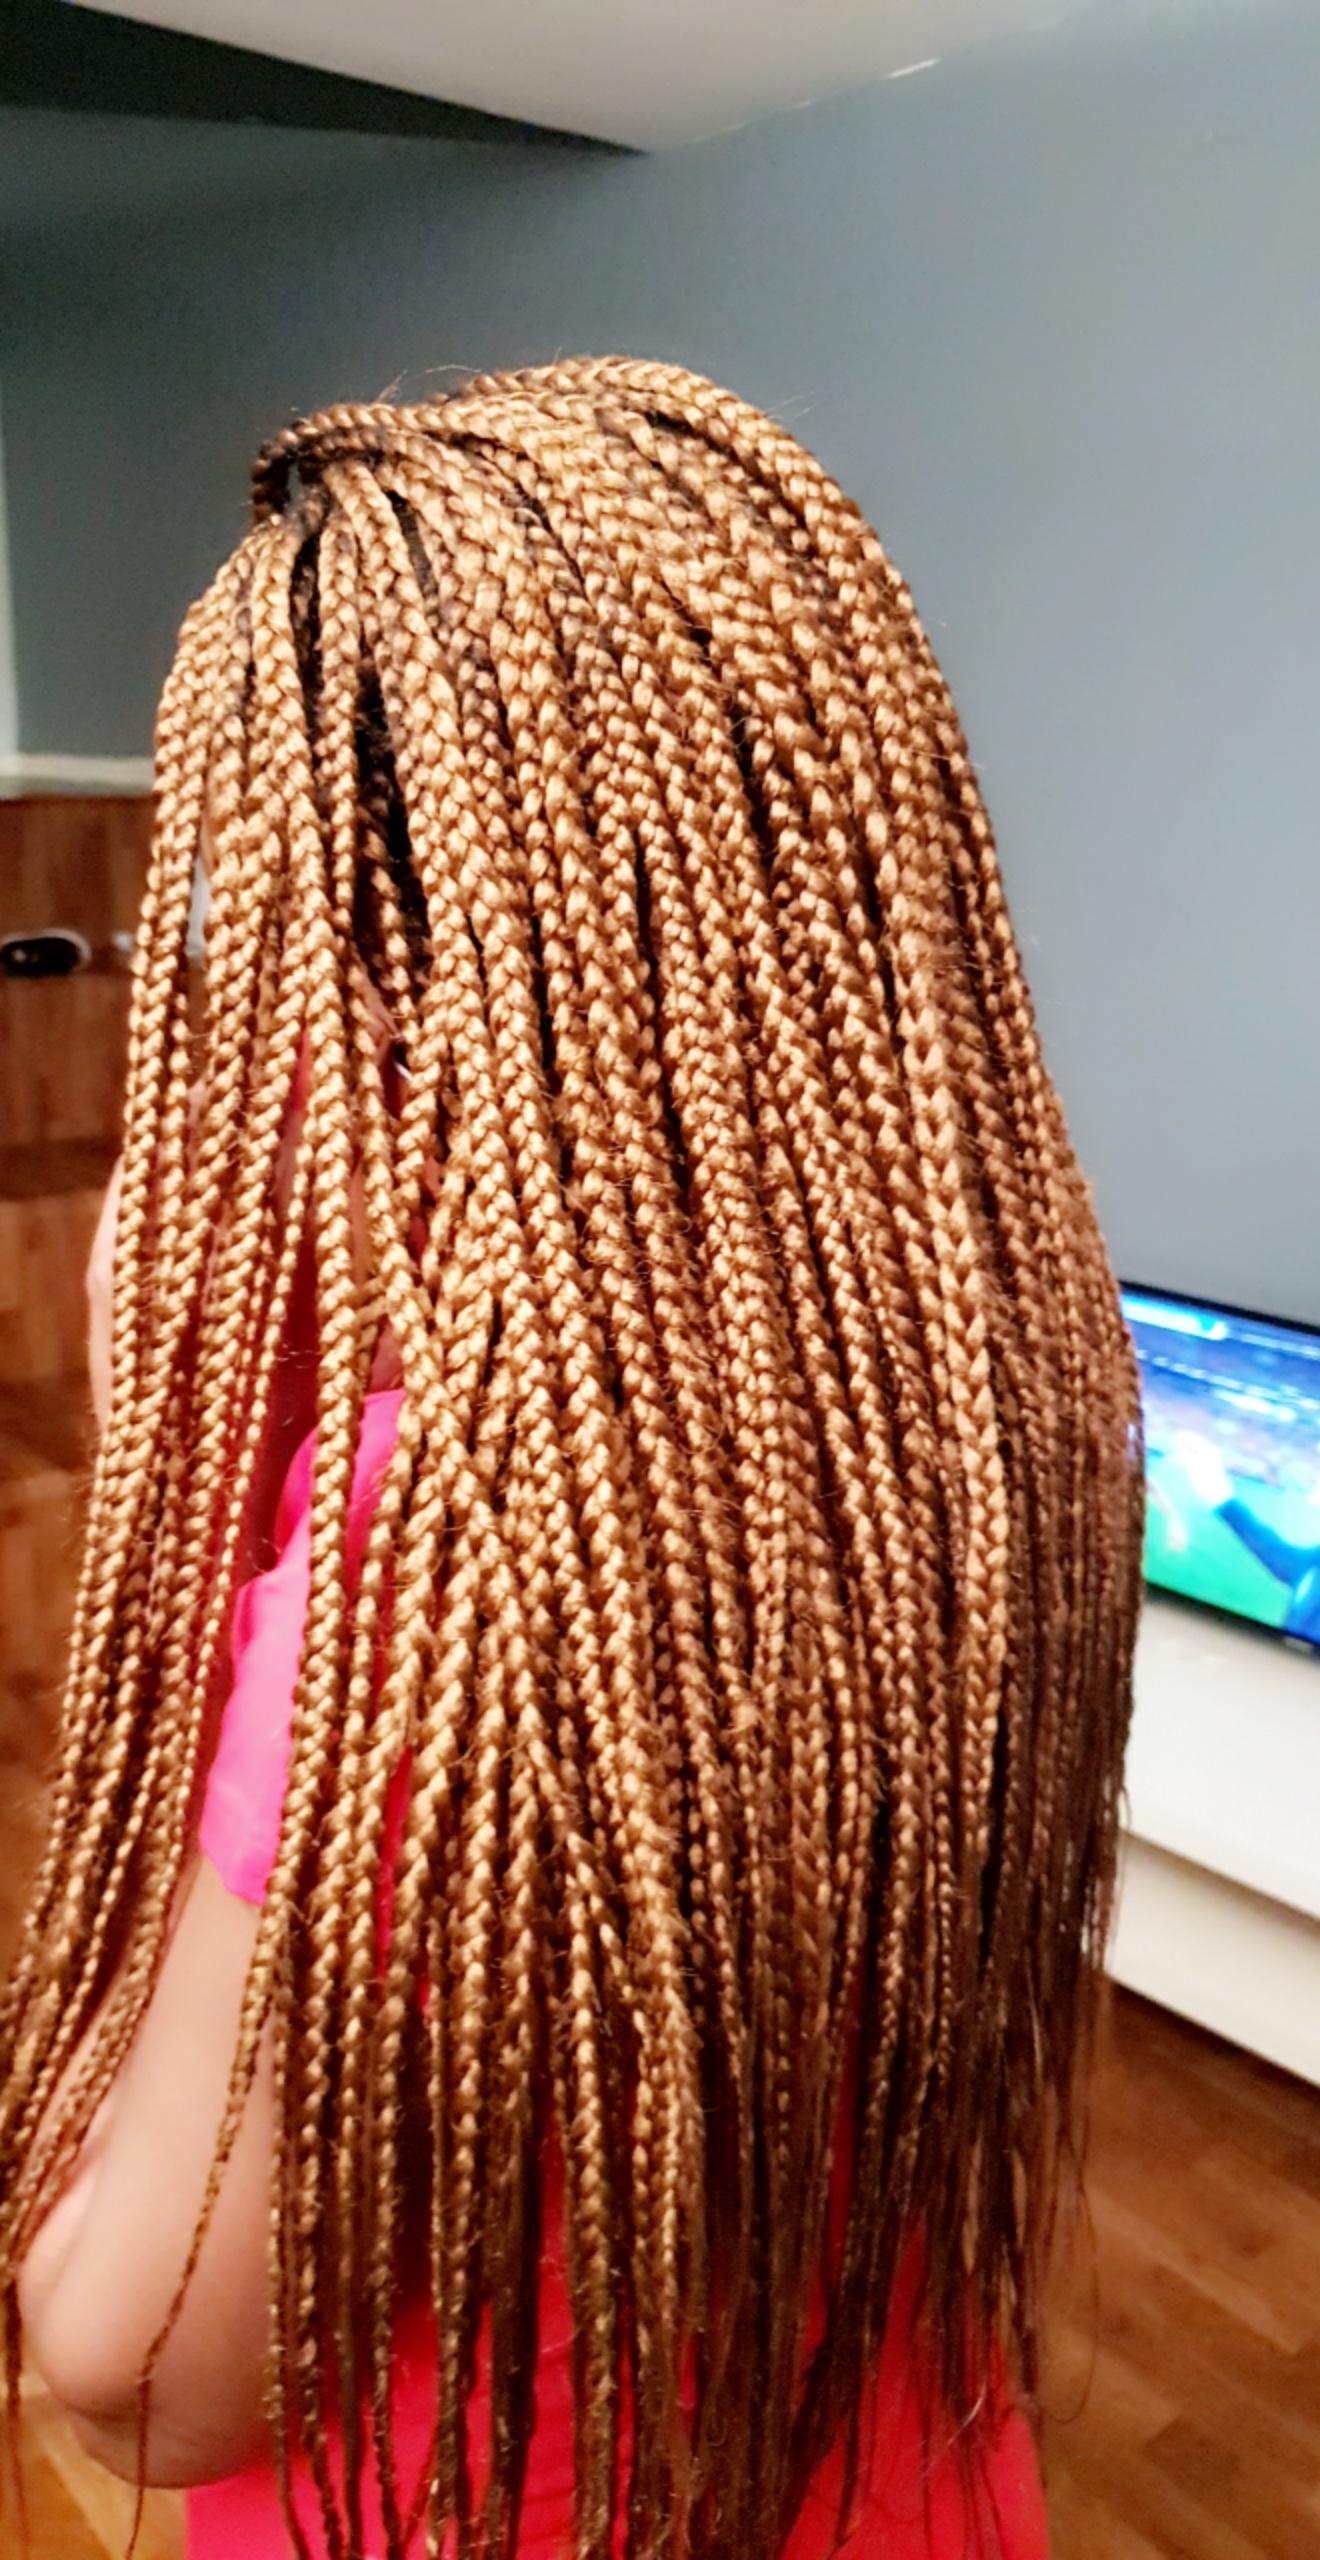 salon de coiffure afro tresse tresses box braids crochet braids vanilles tissages paris 75 77 78 91 92 93 94 95 BDCZCFVK